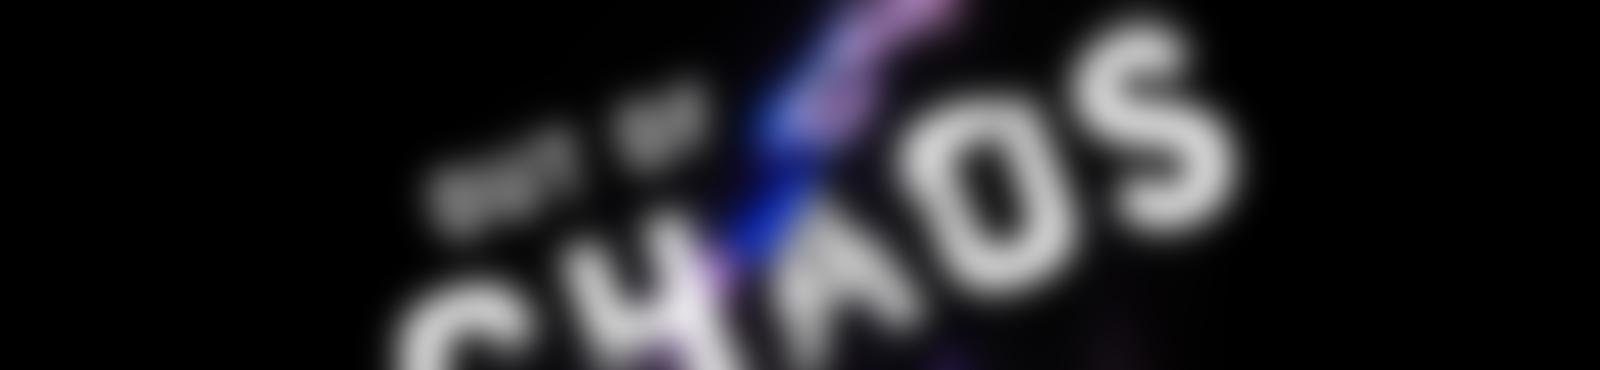 Blurred 590898ce 9f03 4c44 9f8c 84fb8bc77a32